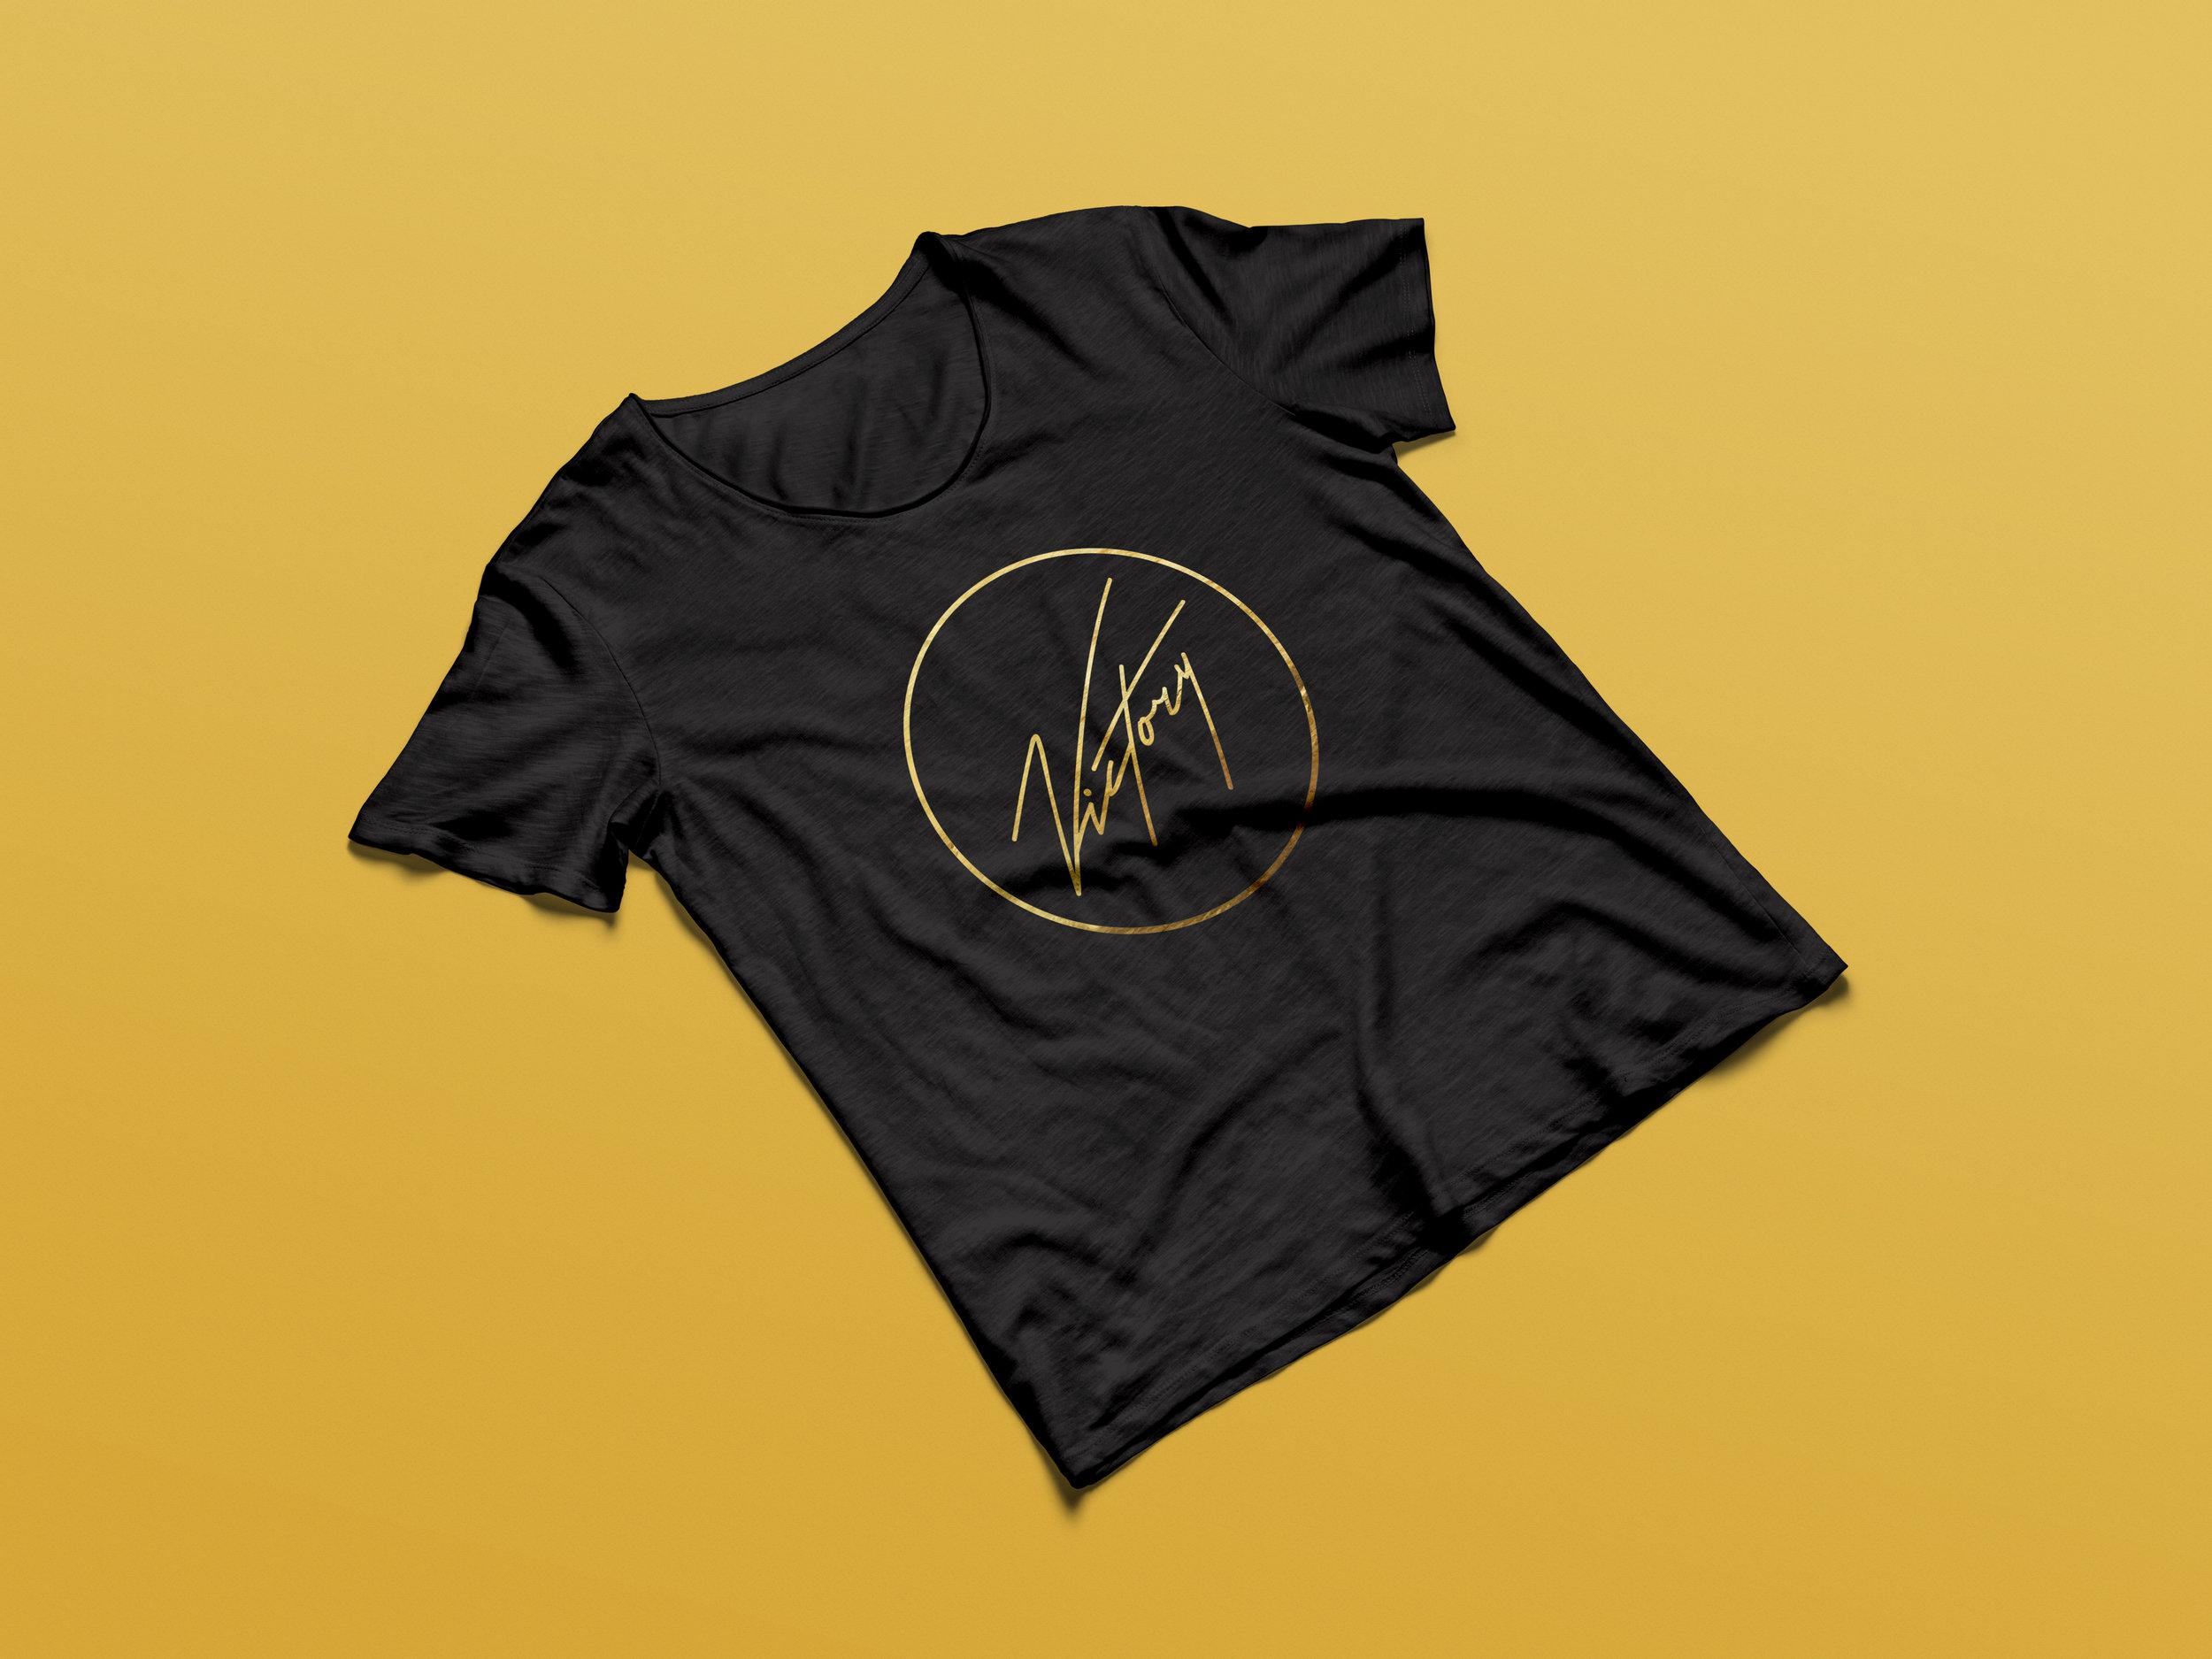 Victory-Black-Tshirt-Mockup-squarespace.jpg